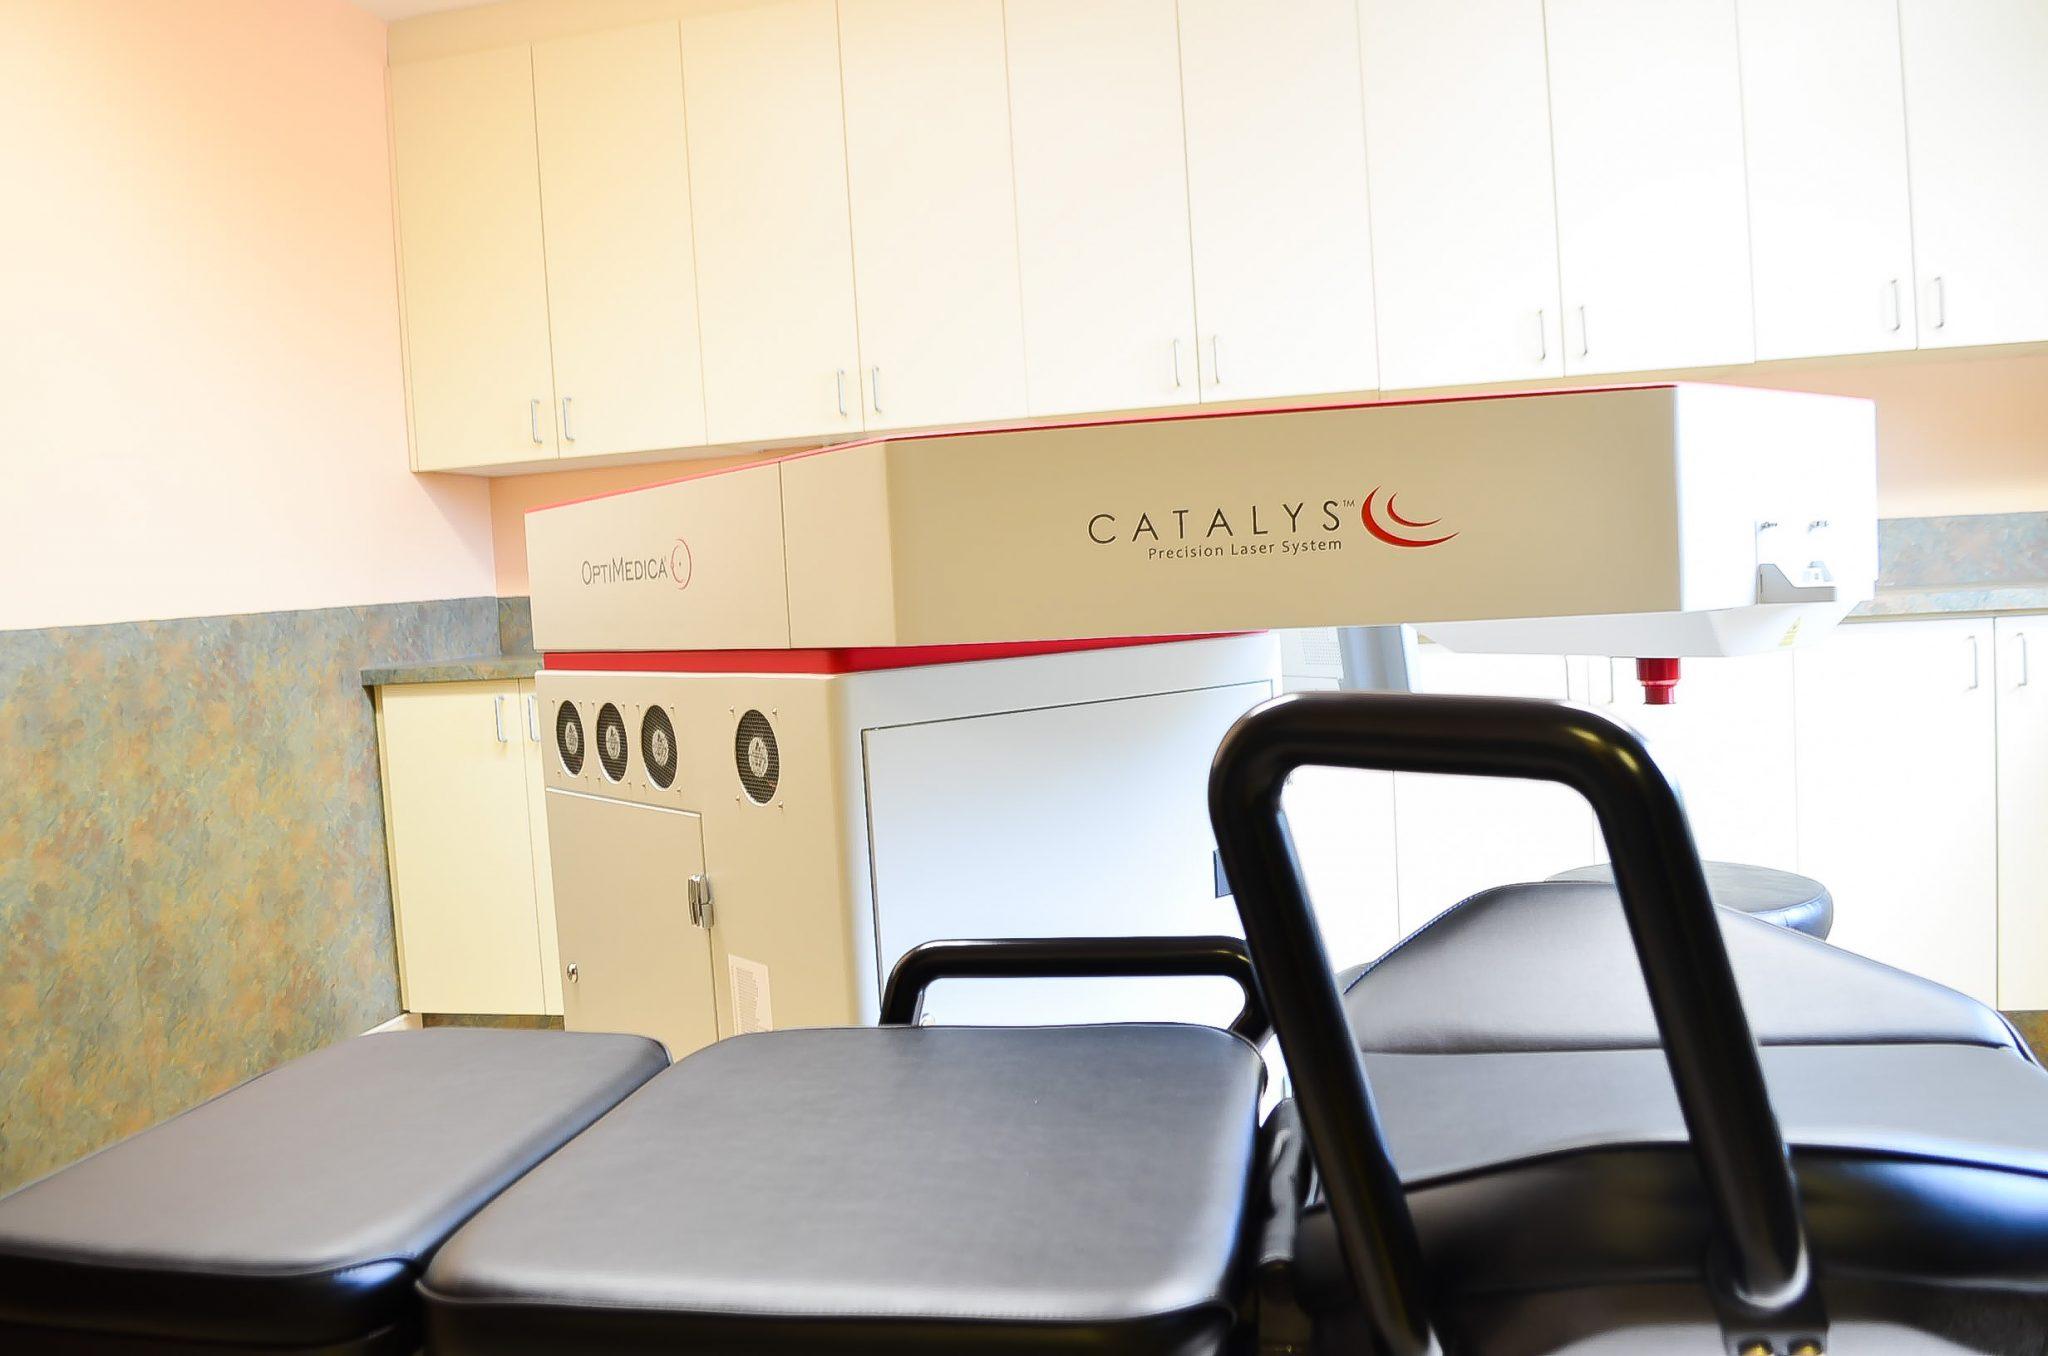 Opération de la cataracte assistée au laser Catalys